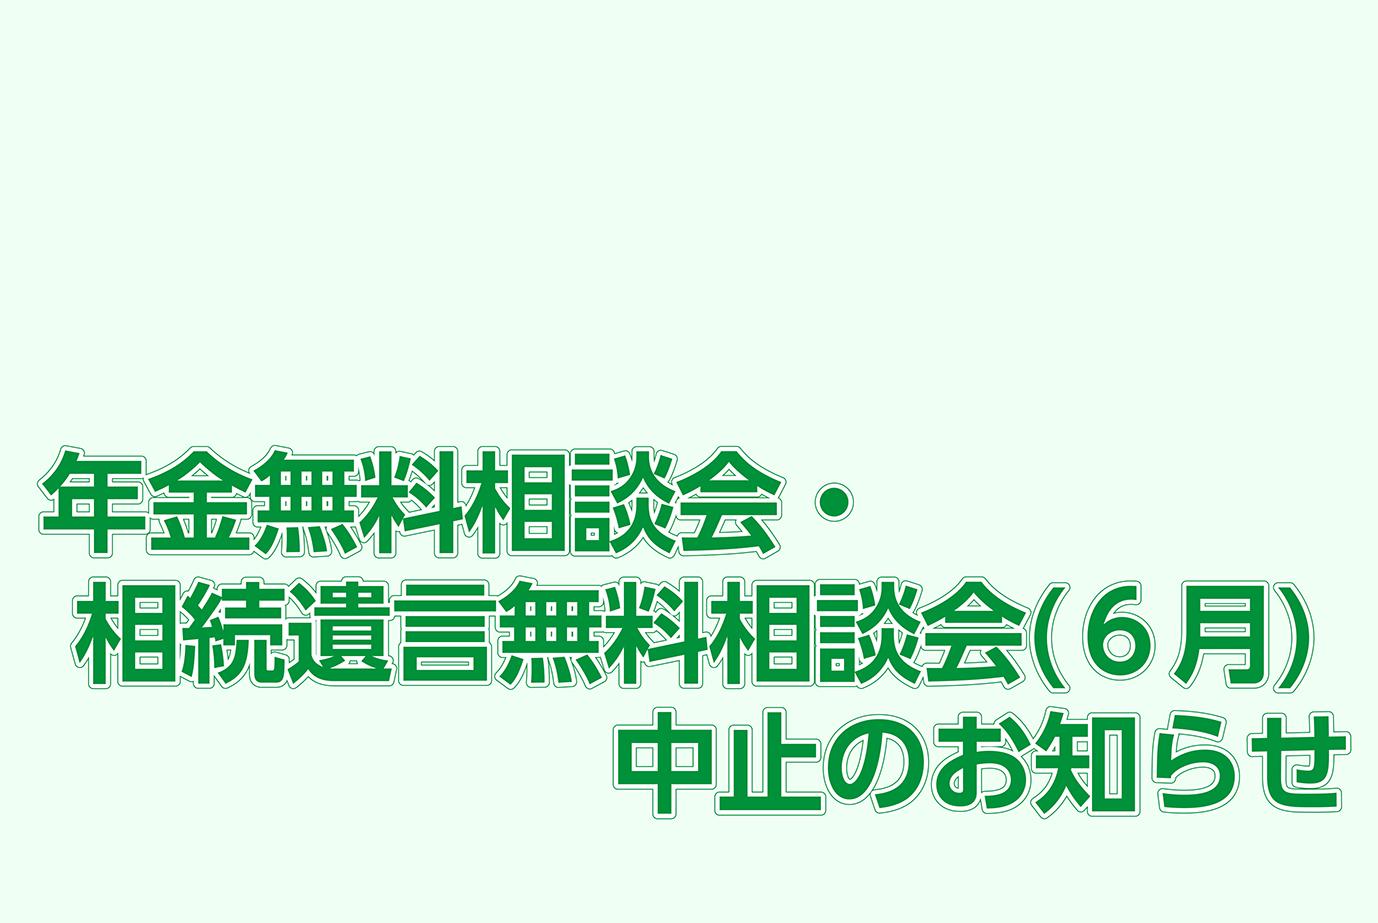 年金無料相談会・相続遺言無料相談会(6月)中止のお知らせ